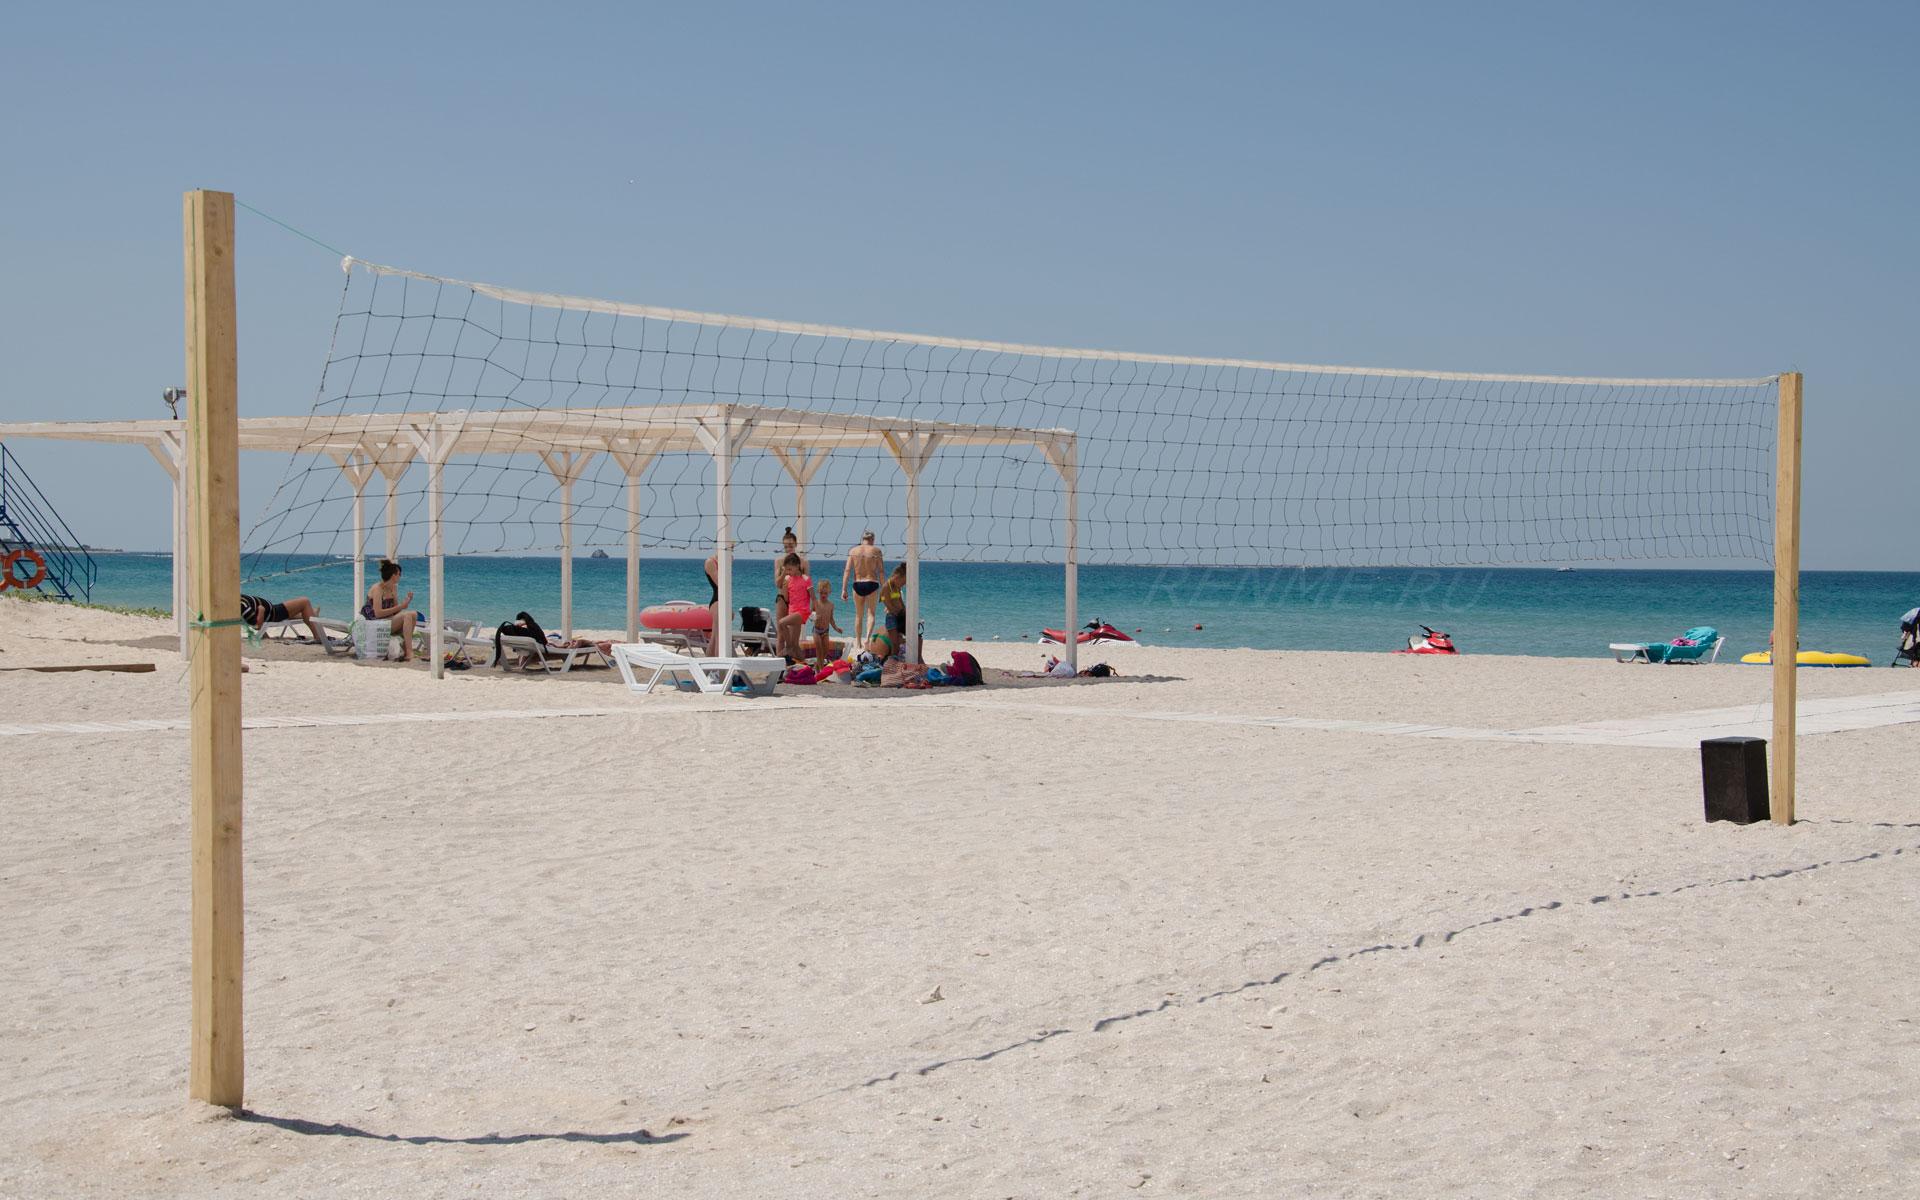 Волейбол на песчаном пляже. Фото Оленевки